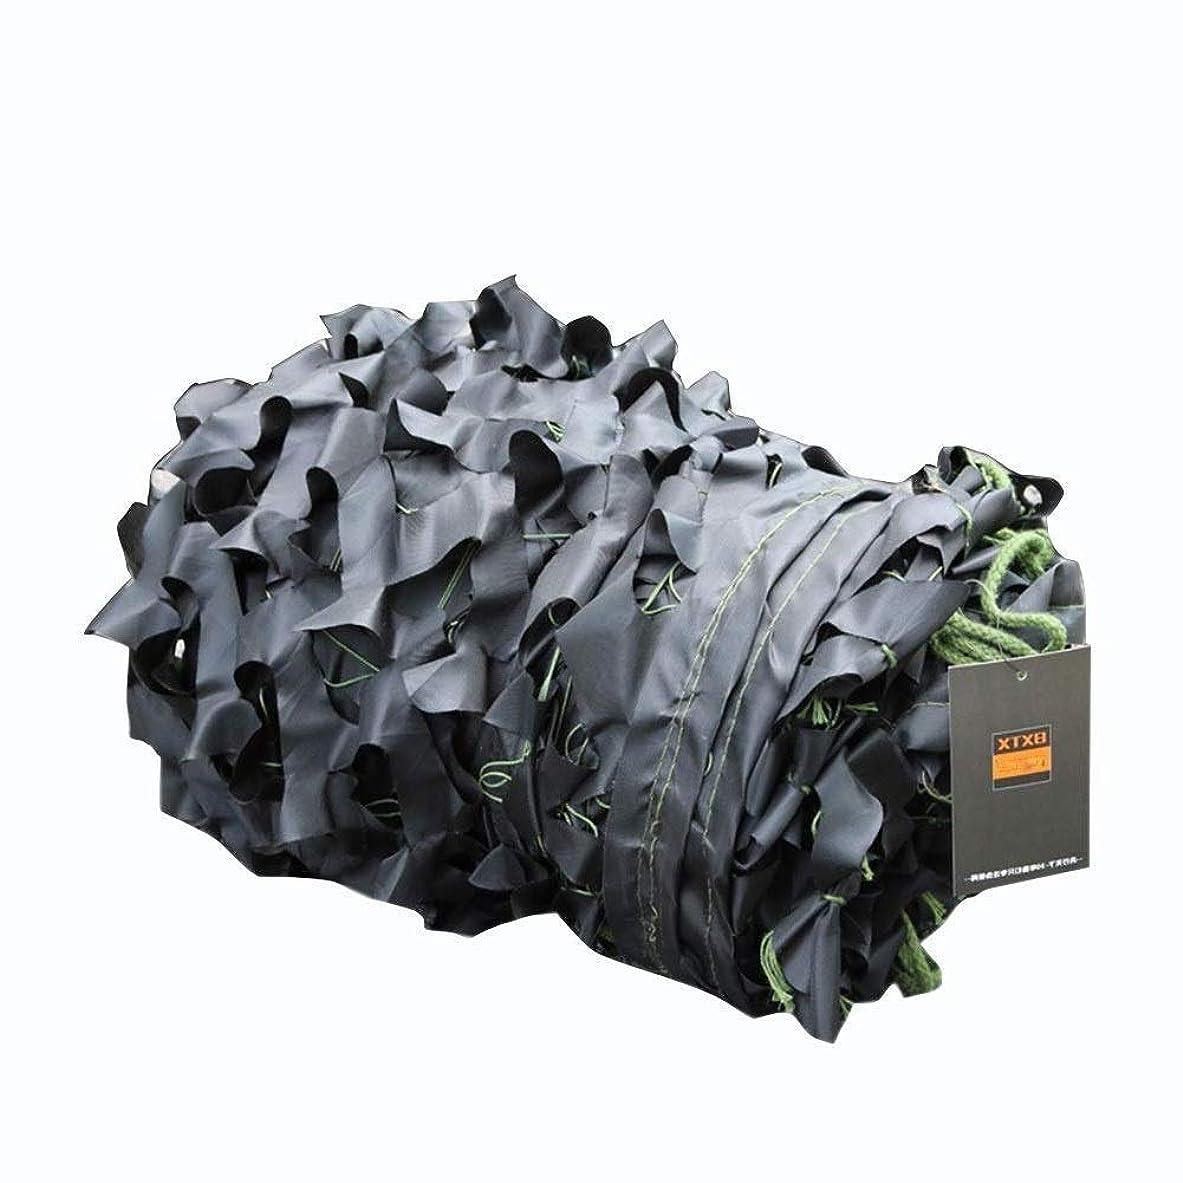 ブースアシストラップトップ迷彩ネッティング迷彩ネッティングオックスフォード生地カーカバーテント陸軍軍事狩猟ブラインド、サイズカスタマイズ可能 遮光ネット Chihen (Color : A, Size : 15x15m)